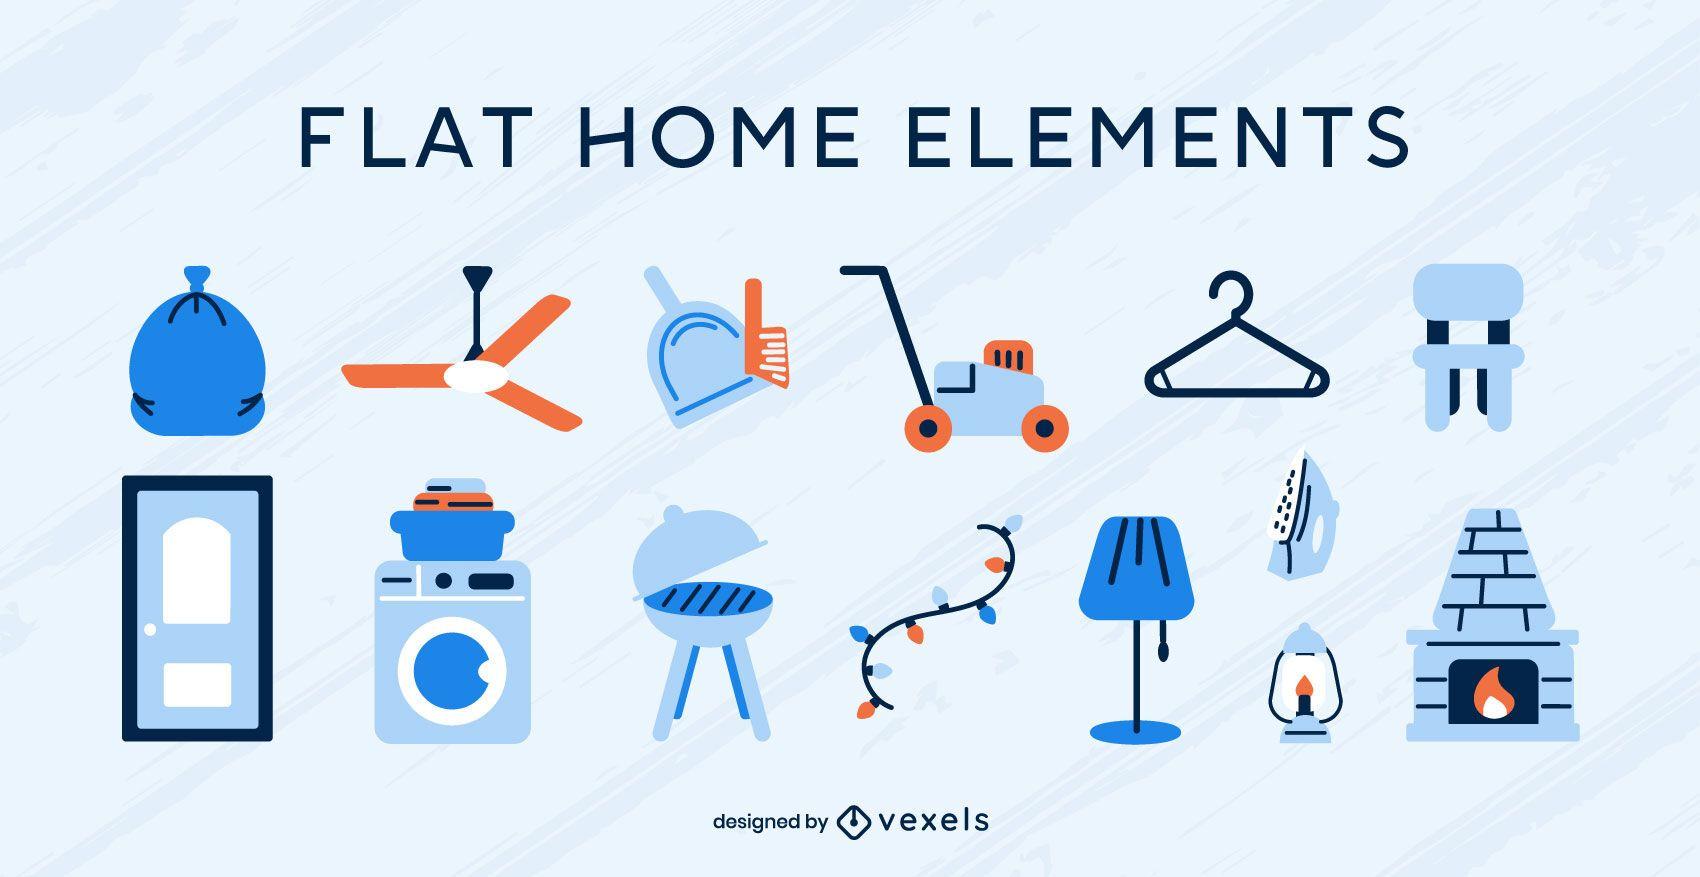 Home elements flat vector set